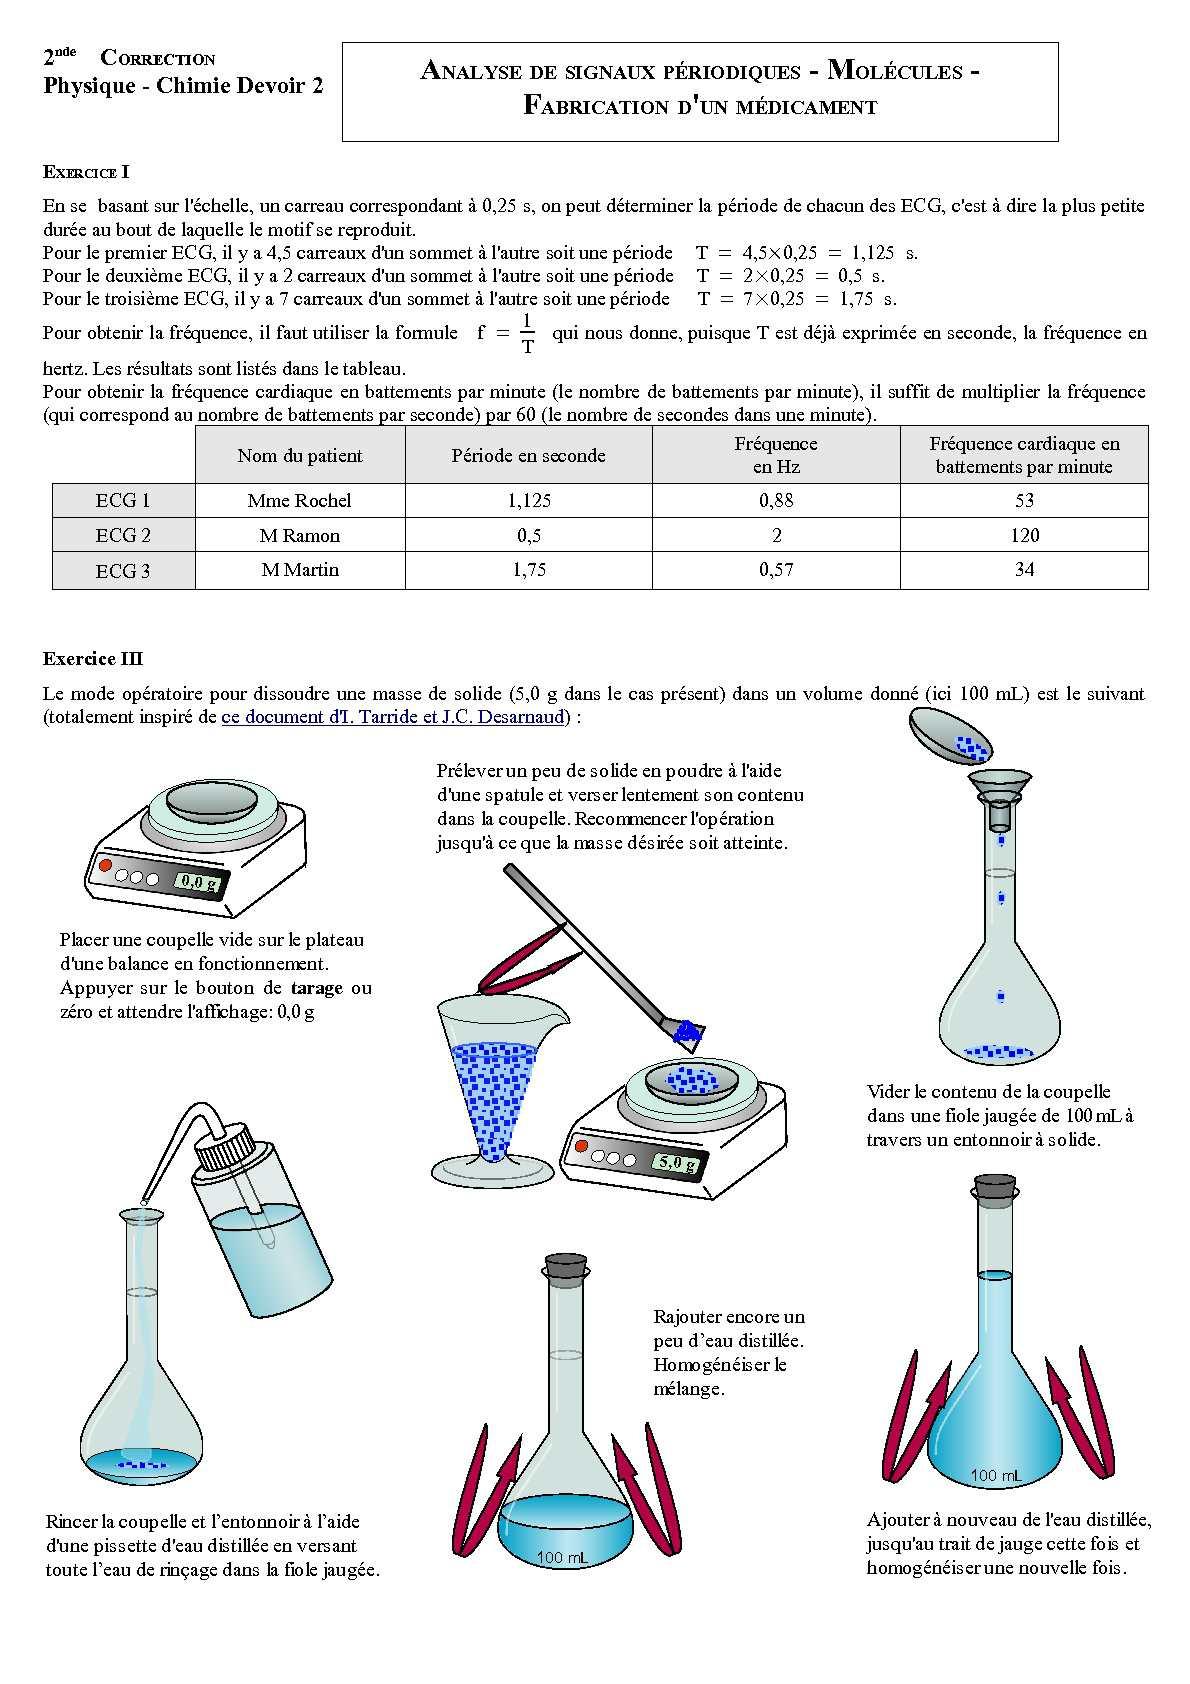 Calaméo - DS 2 - Seconde - Analyse de signaux périodiques ...